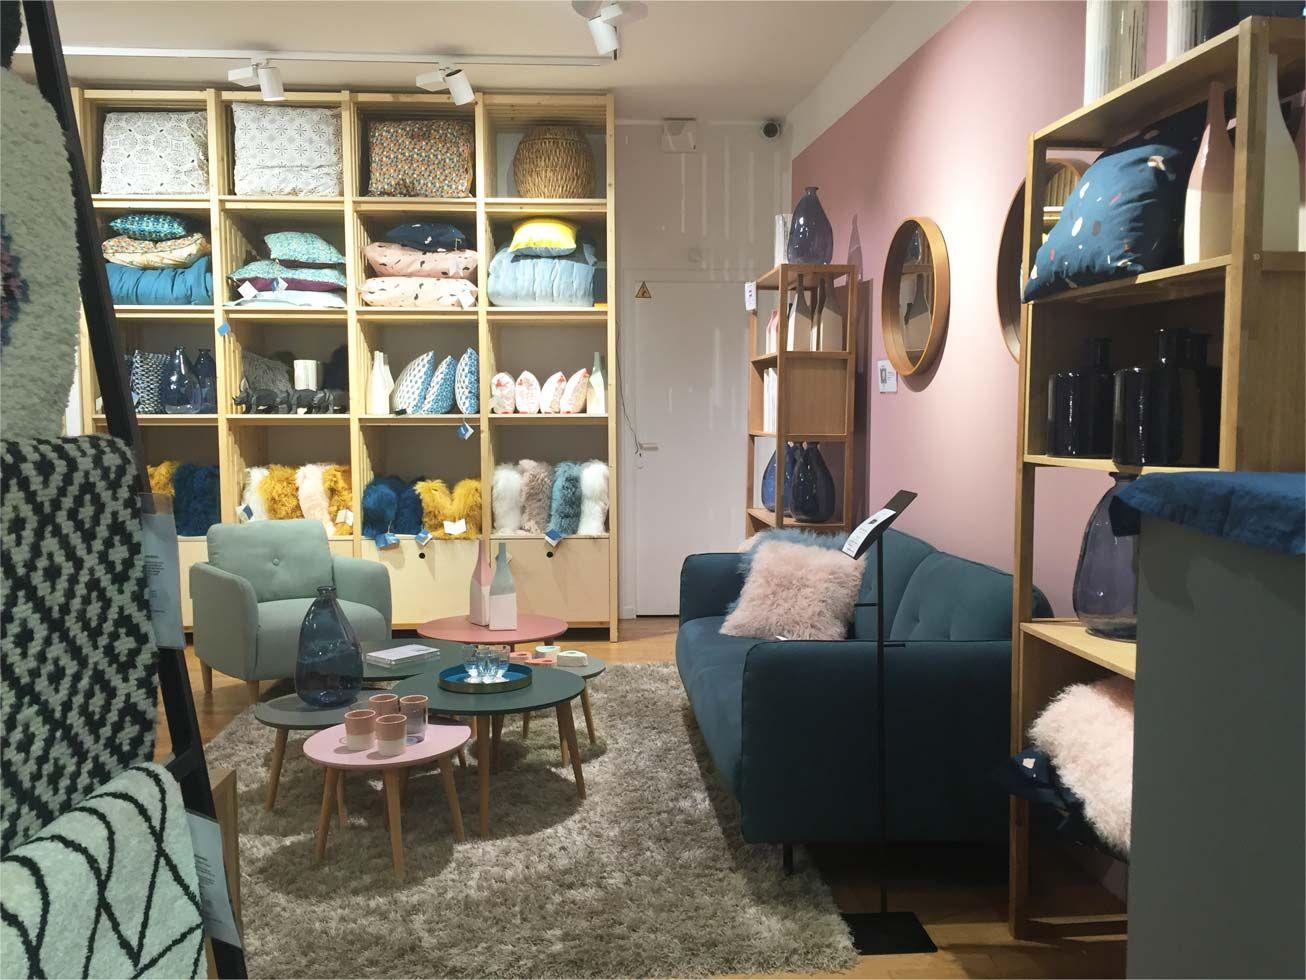 La Redoute Interieurs Paris decouverte-deco-boutique-paris-la-redoute-interieurs-7-well